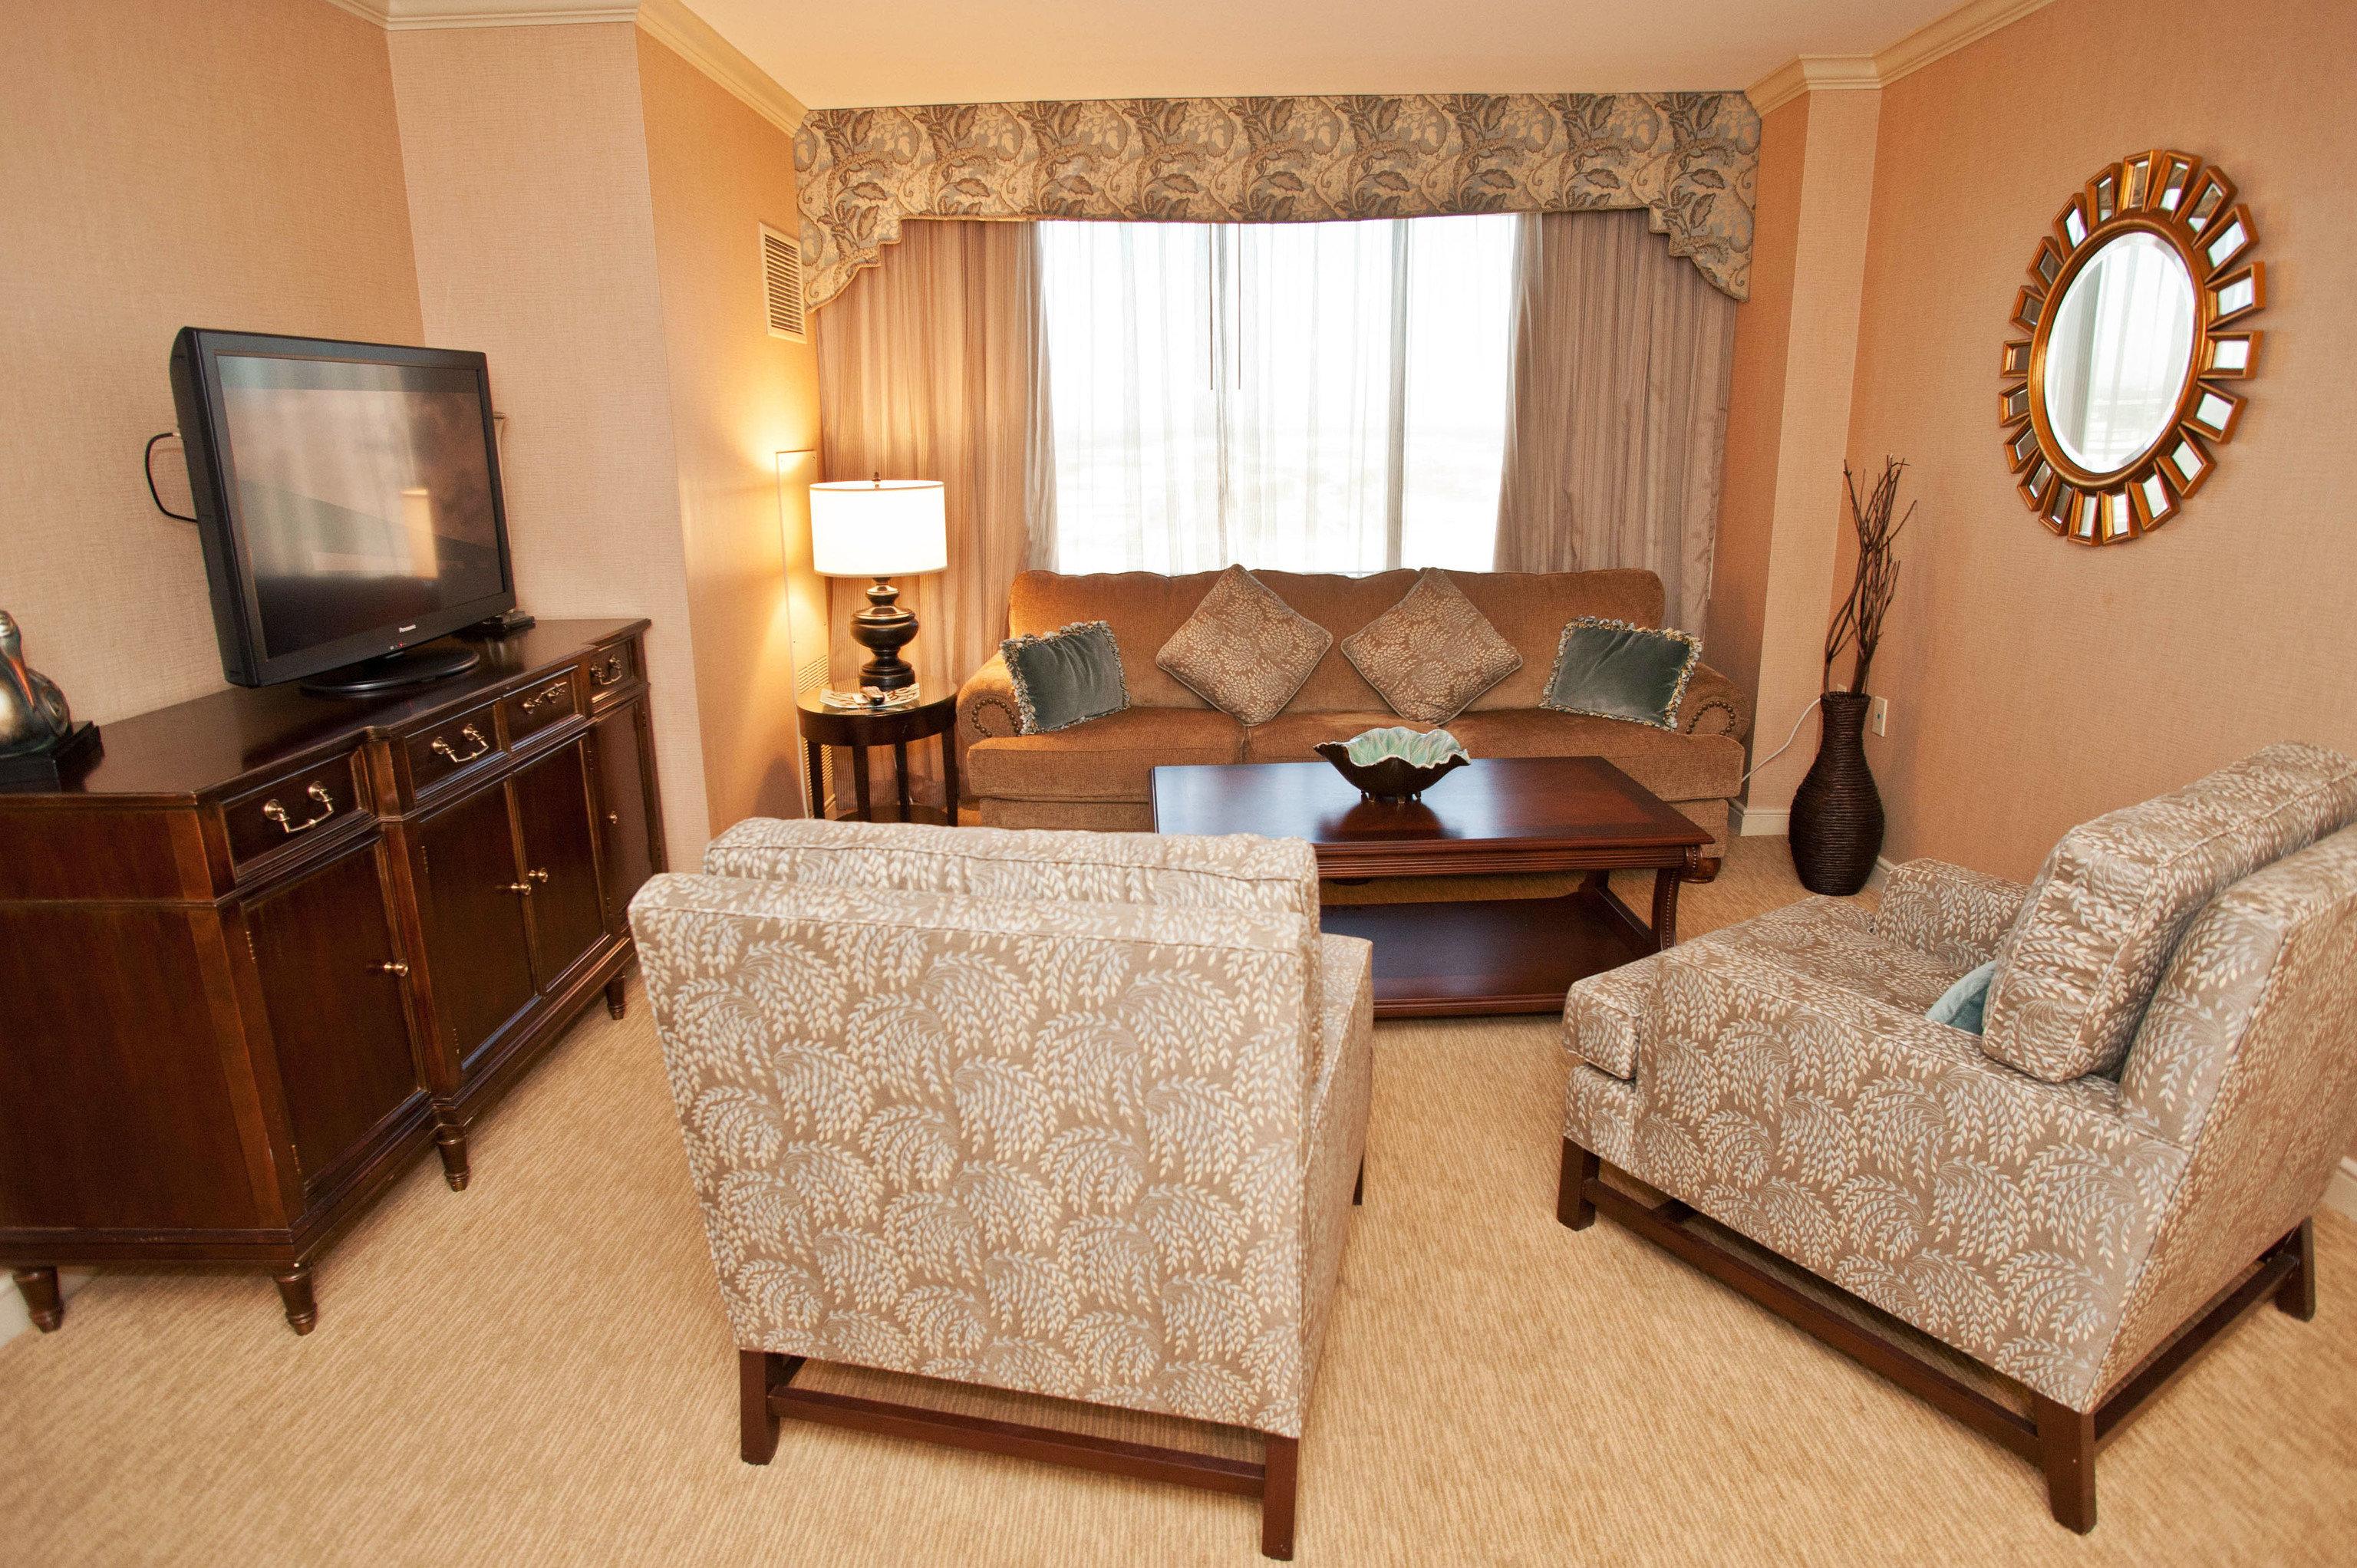 property Suite cottage Bedroom hardwood home living room tan